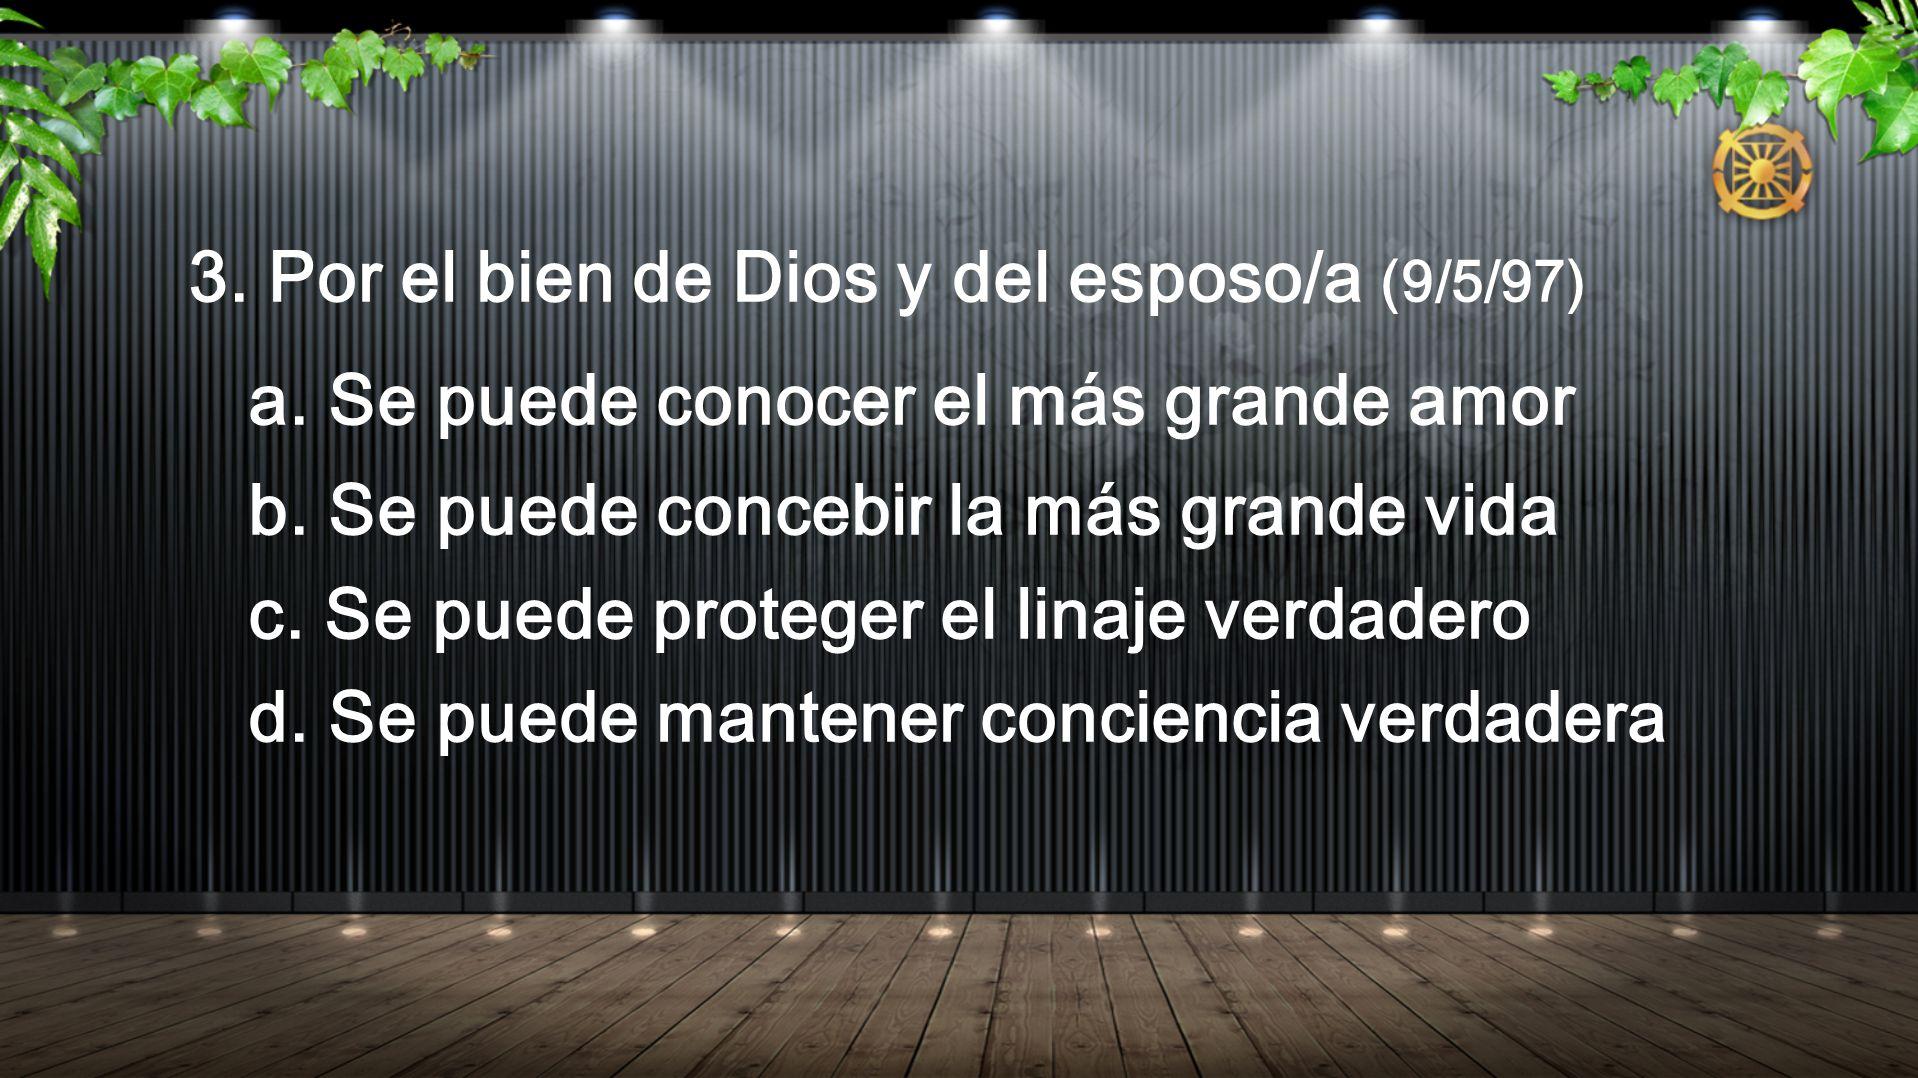 3. Por el bien de Dios y del esposo/a (9/5/97)